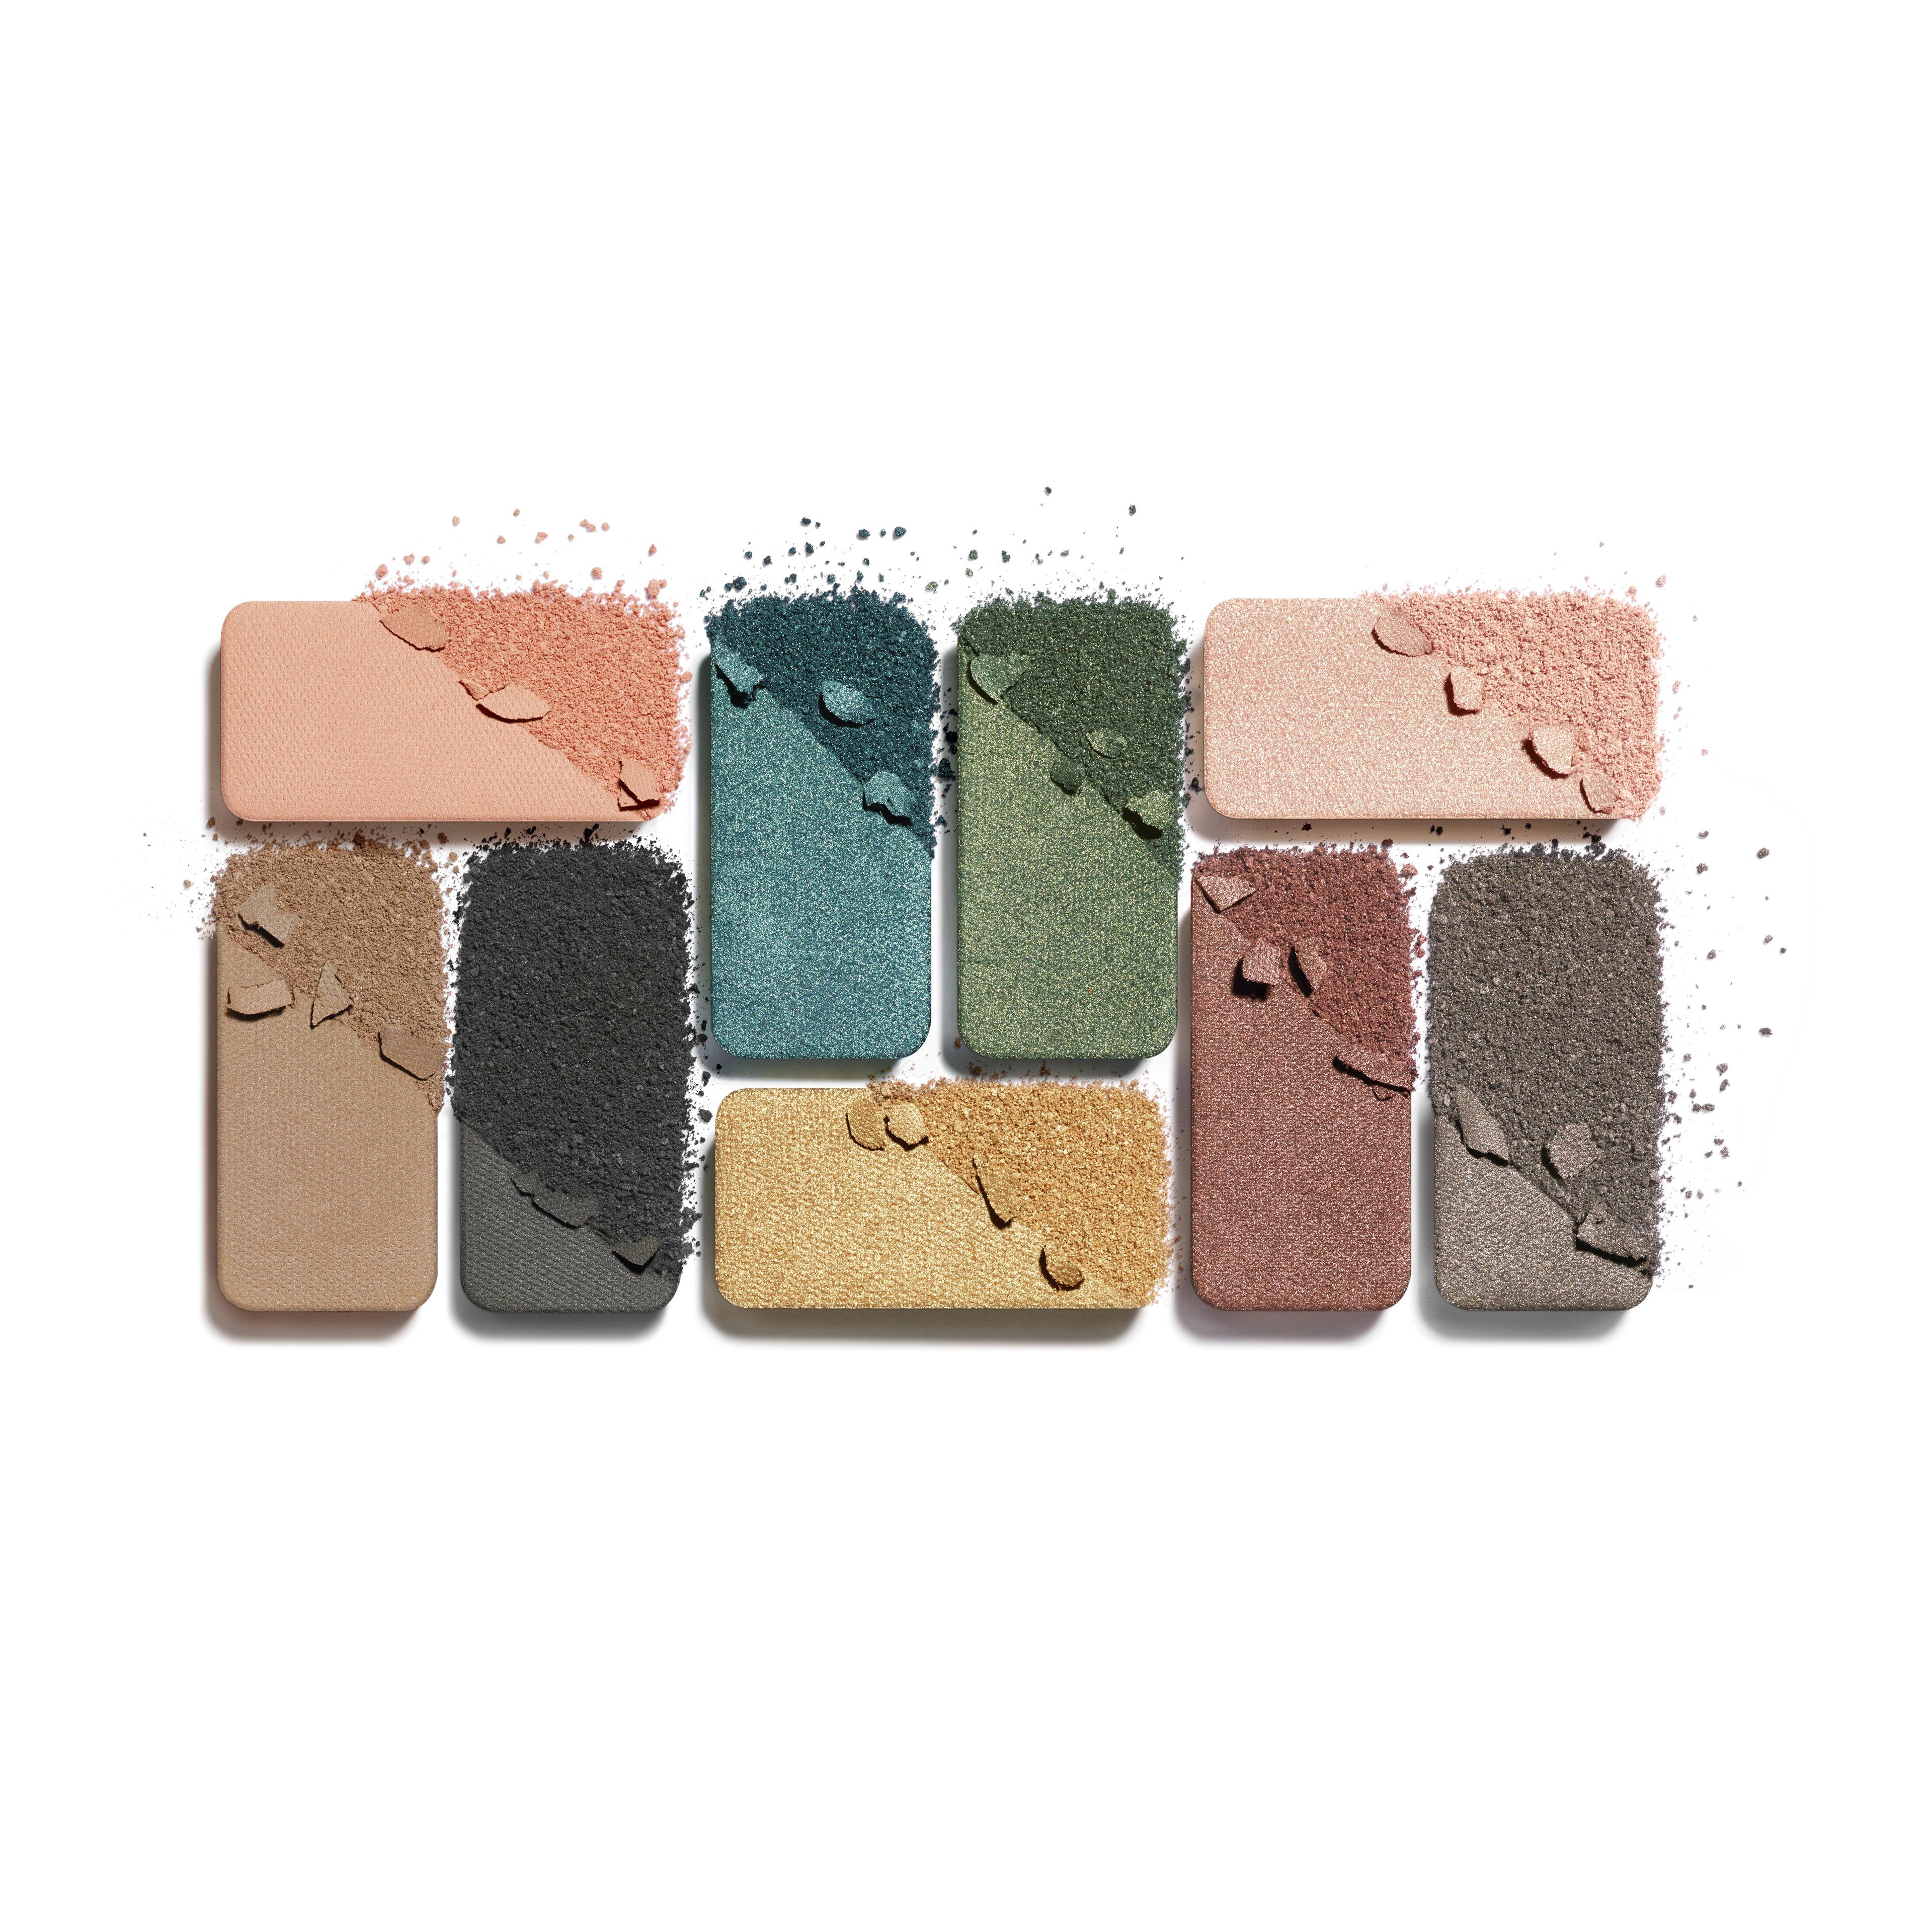 LES 9 OMBRES - makeup - 0.22OZ. - Basic texture view